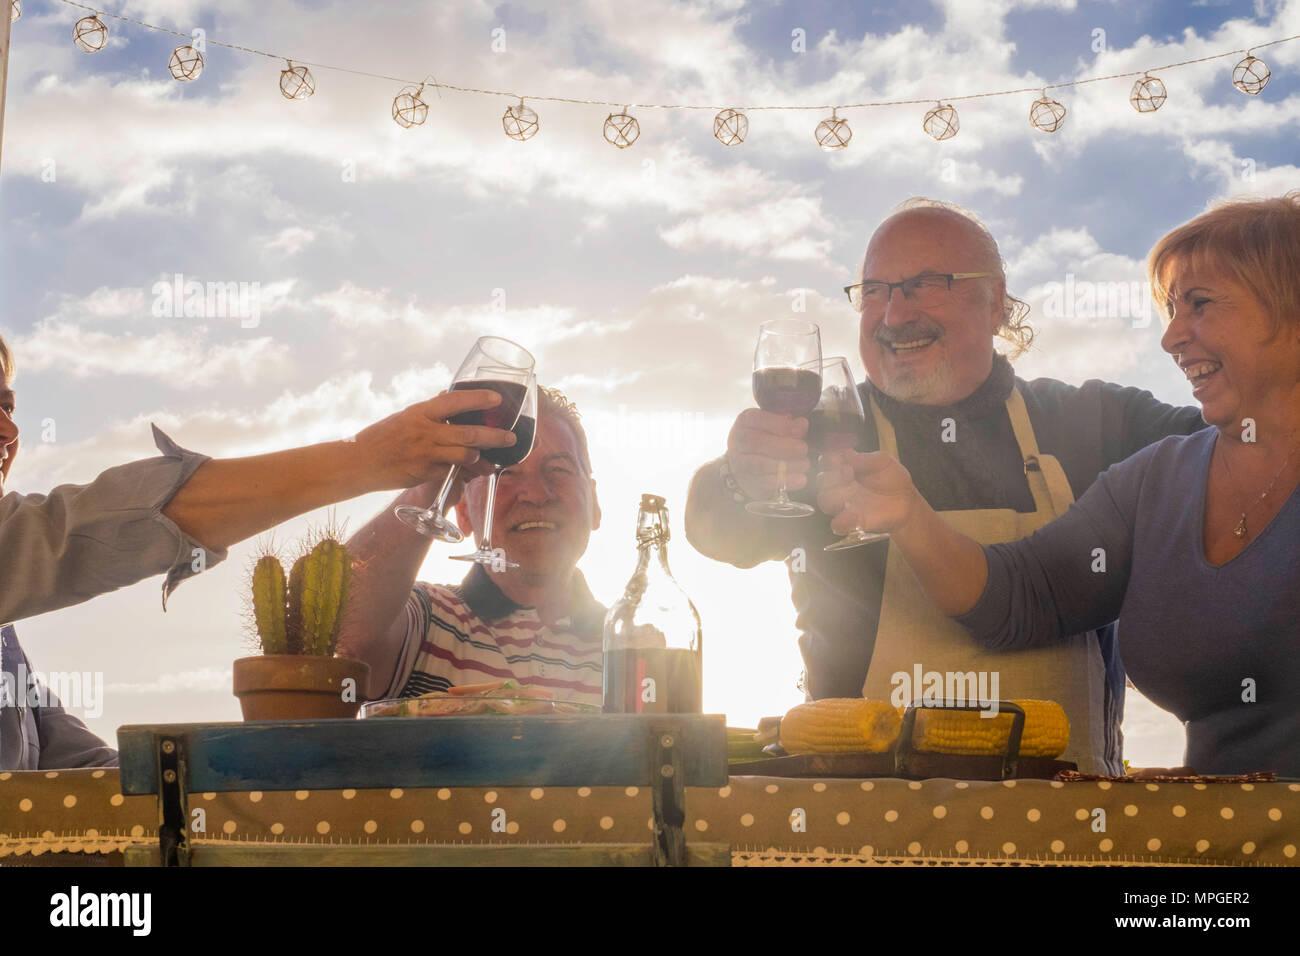 Hombres y mujeres maduros cheers con vino en la terraza de la azotea al aire libre para celebrar vacaciones o cumpleaños o evento. ancianos lifestyle día feliz vida c Imagen De Stock